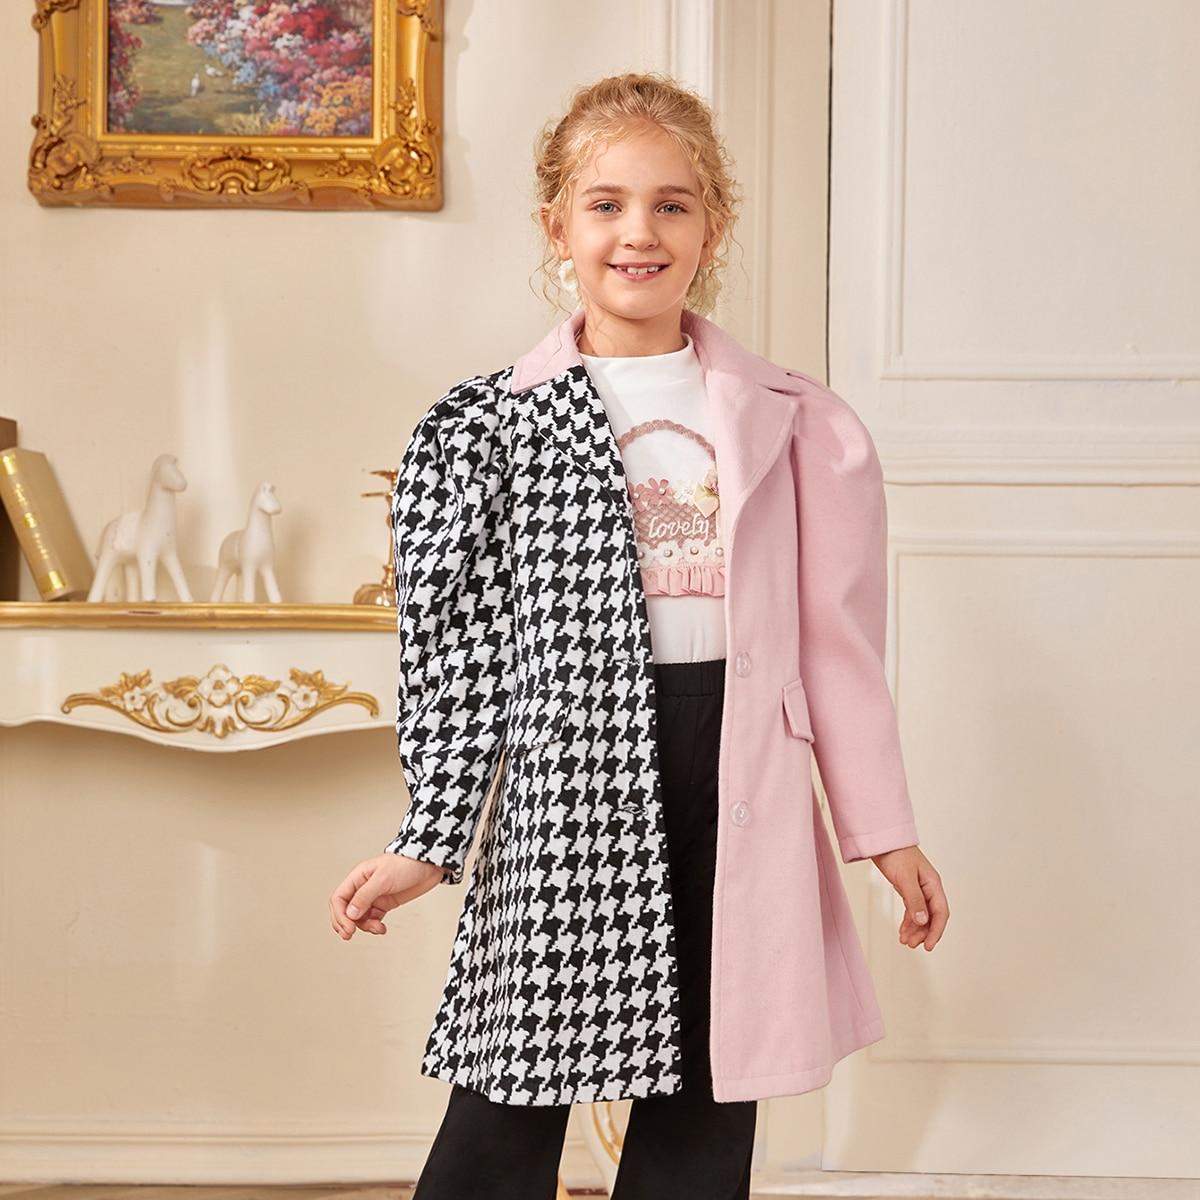 Mantel mit Gigotärmeln, Hahnentritt Muster und Farbblock